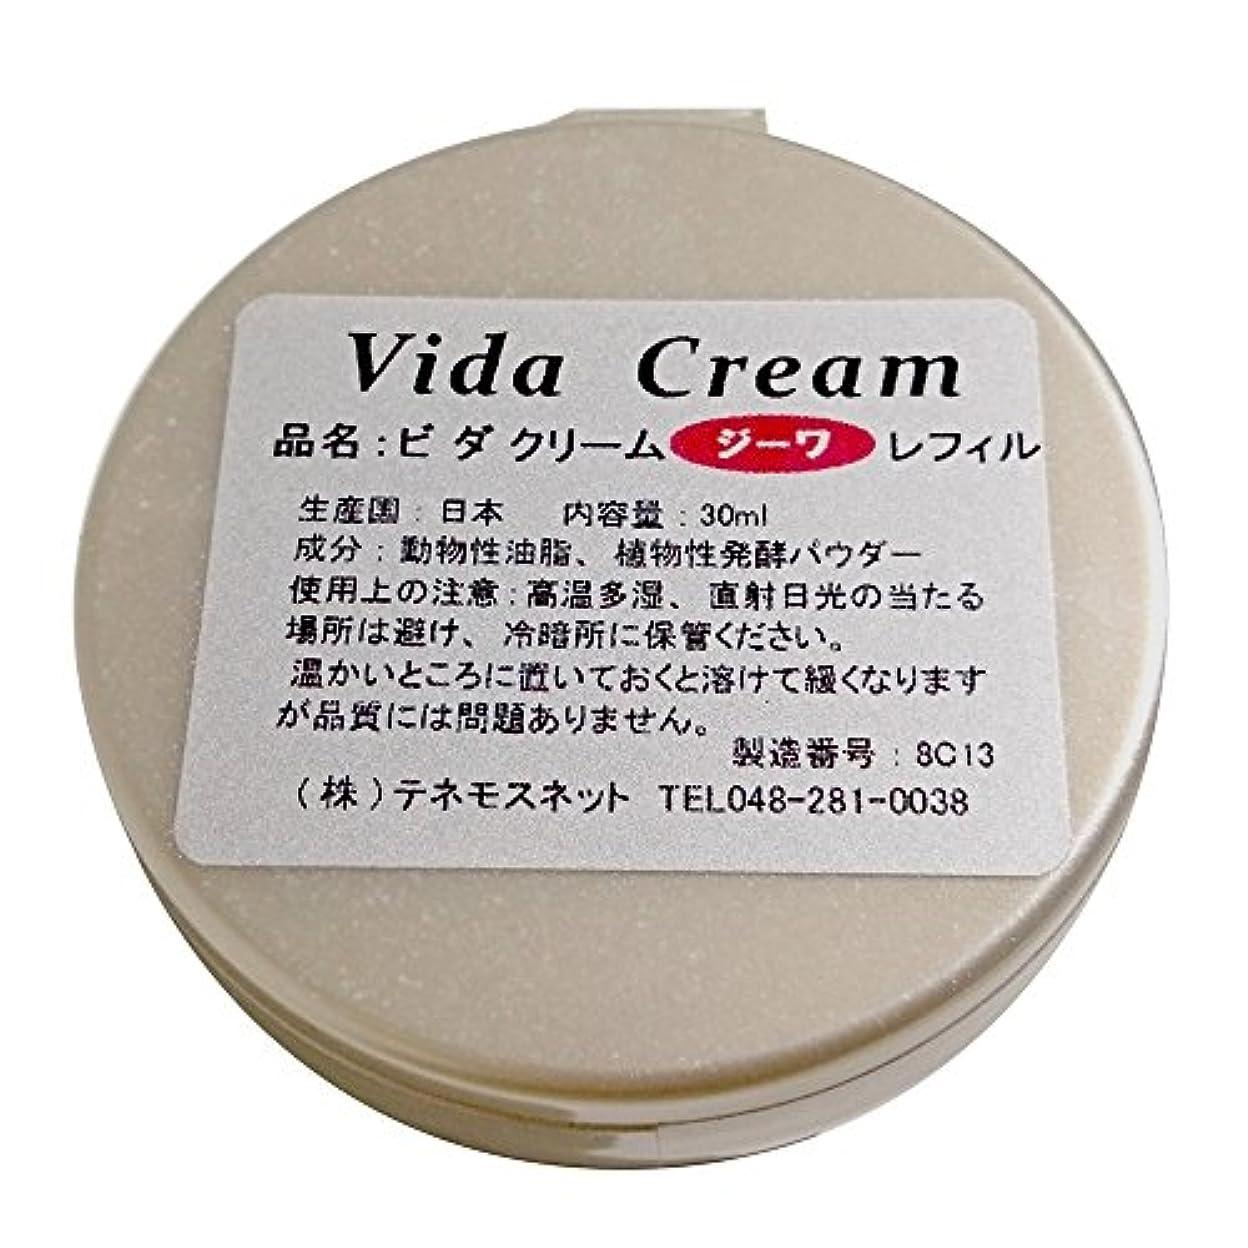 コピーとは異なり適合しましたテネモス ビダクリーム Vida Cream ジーワ レフィル 付替用 30ml